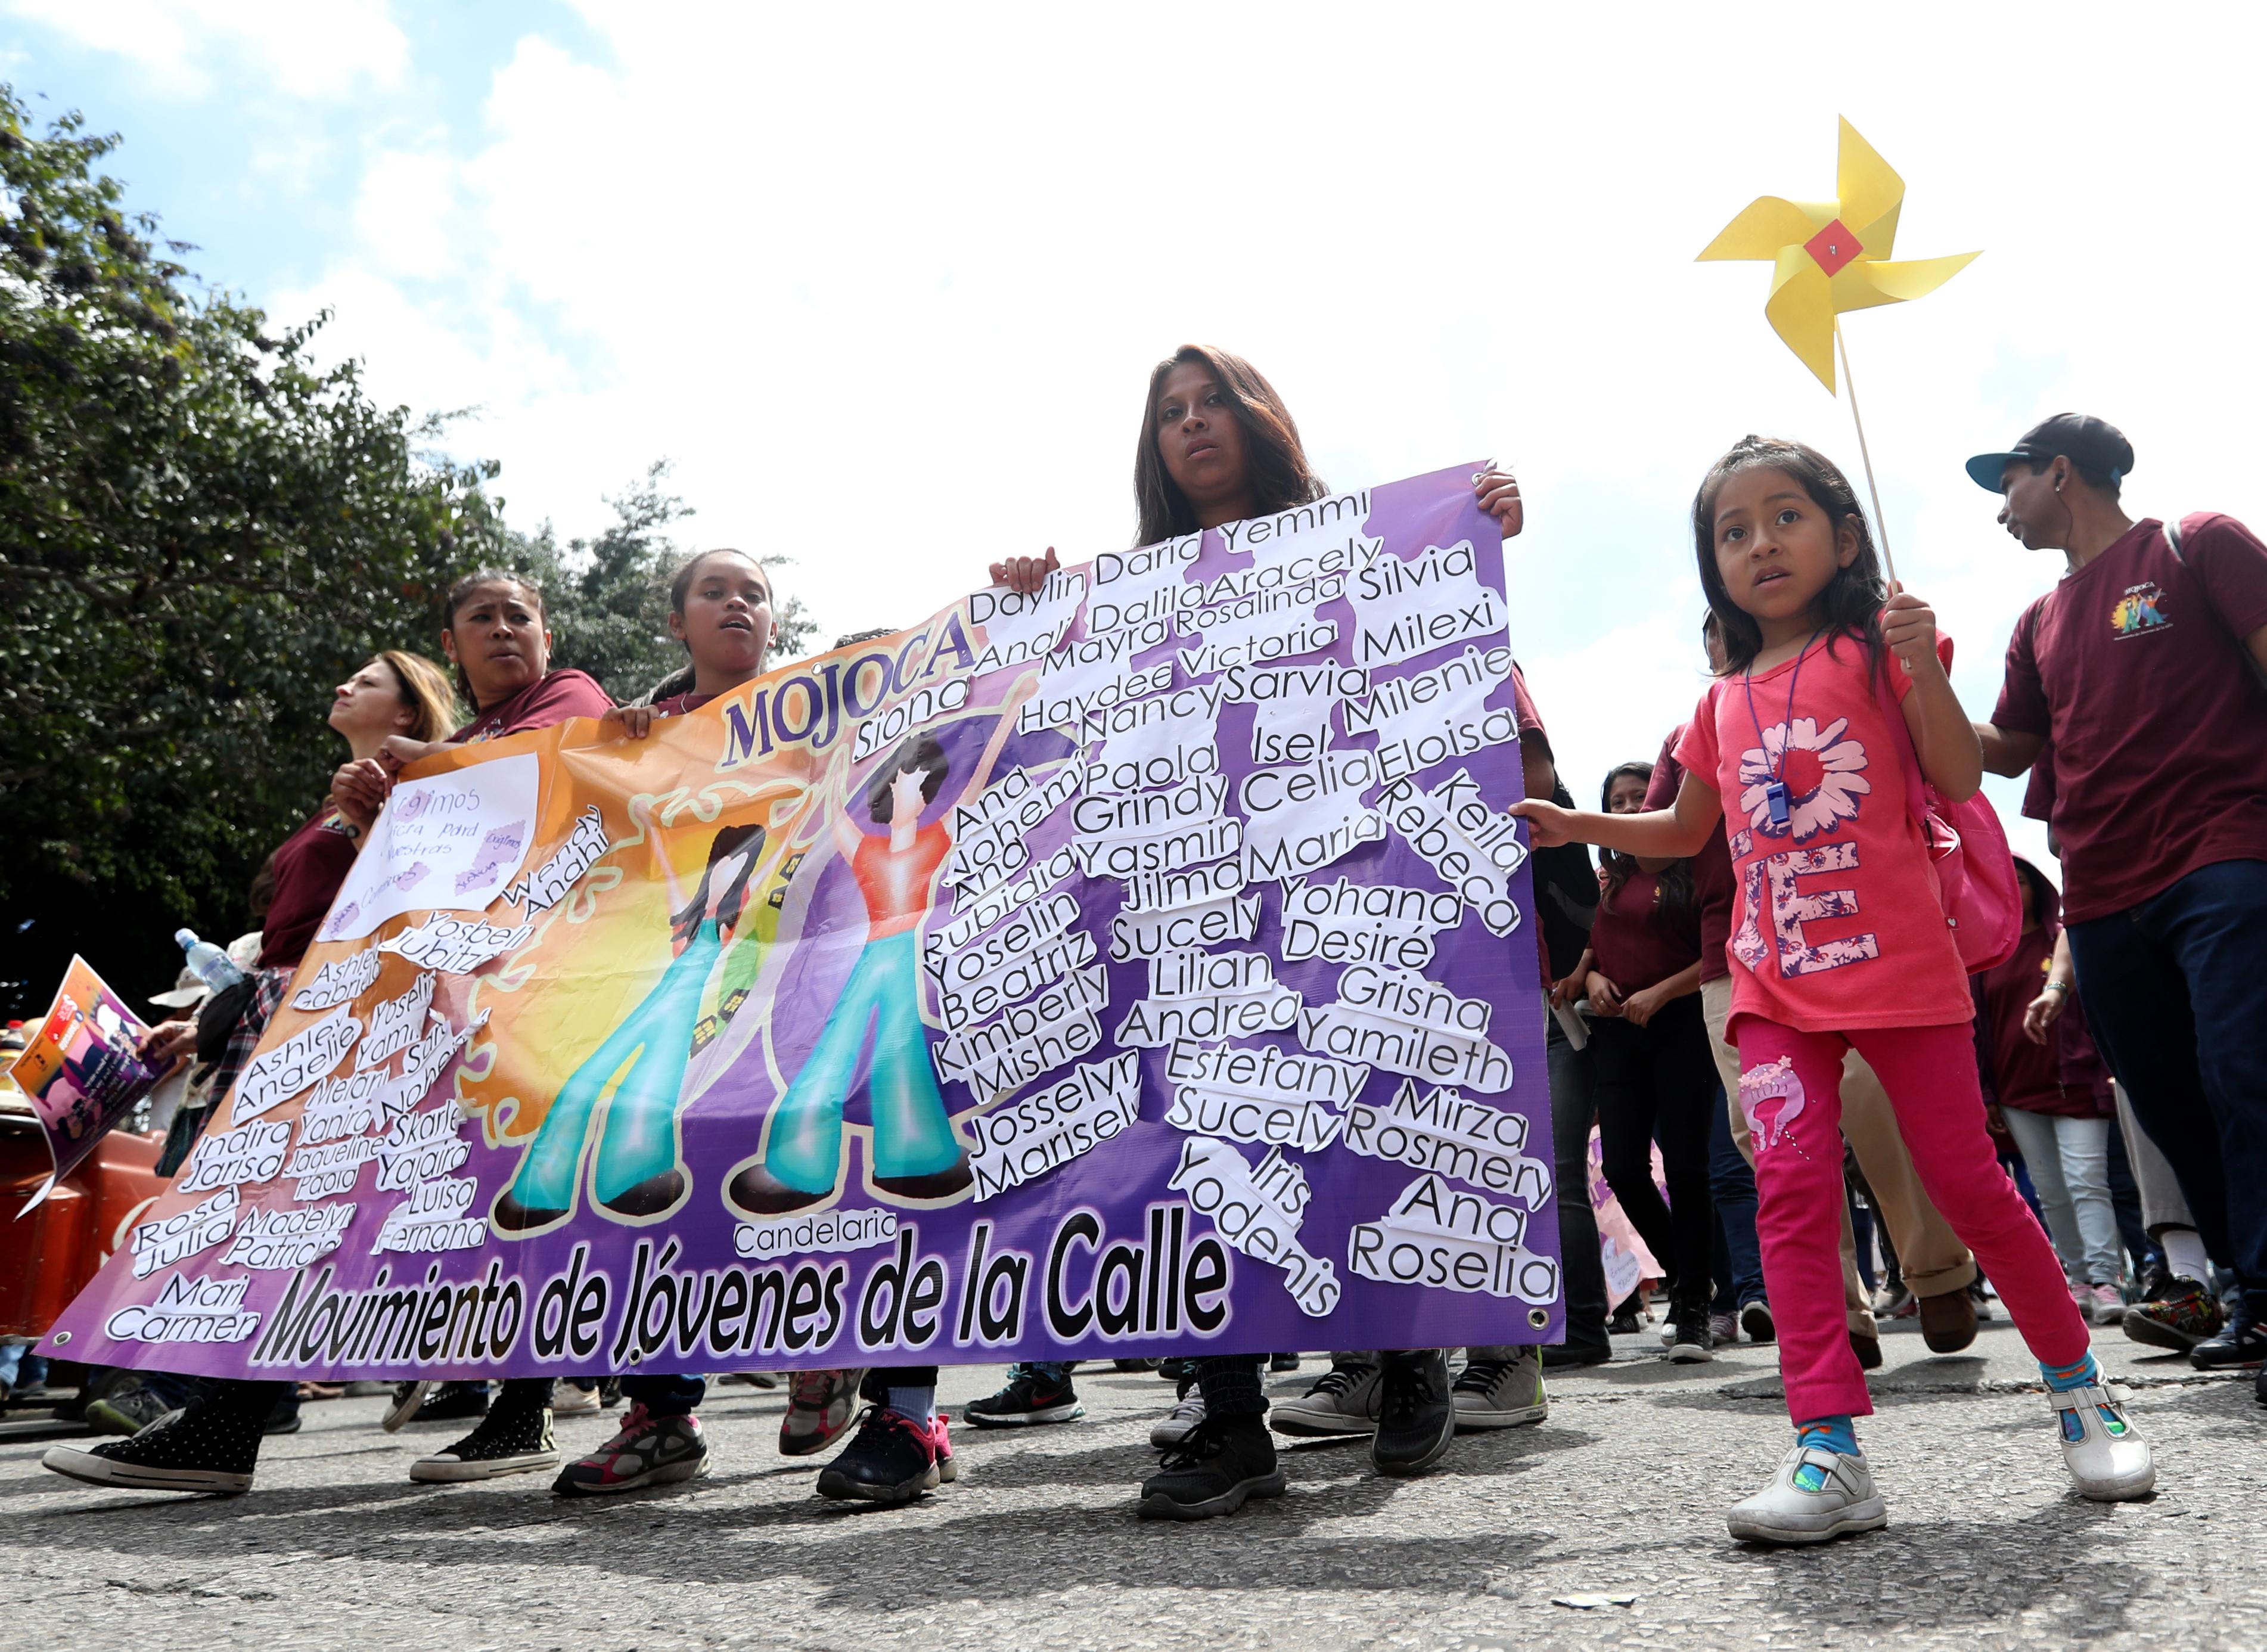 Según las participantes, este día se celebra con mucha denuncia social y la reivindicación de la lucha por la igualdad de derechos. (Foto Prensa LIbre: Óscar Rivas)